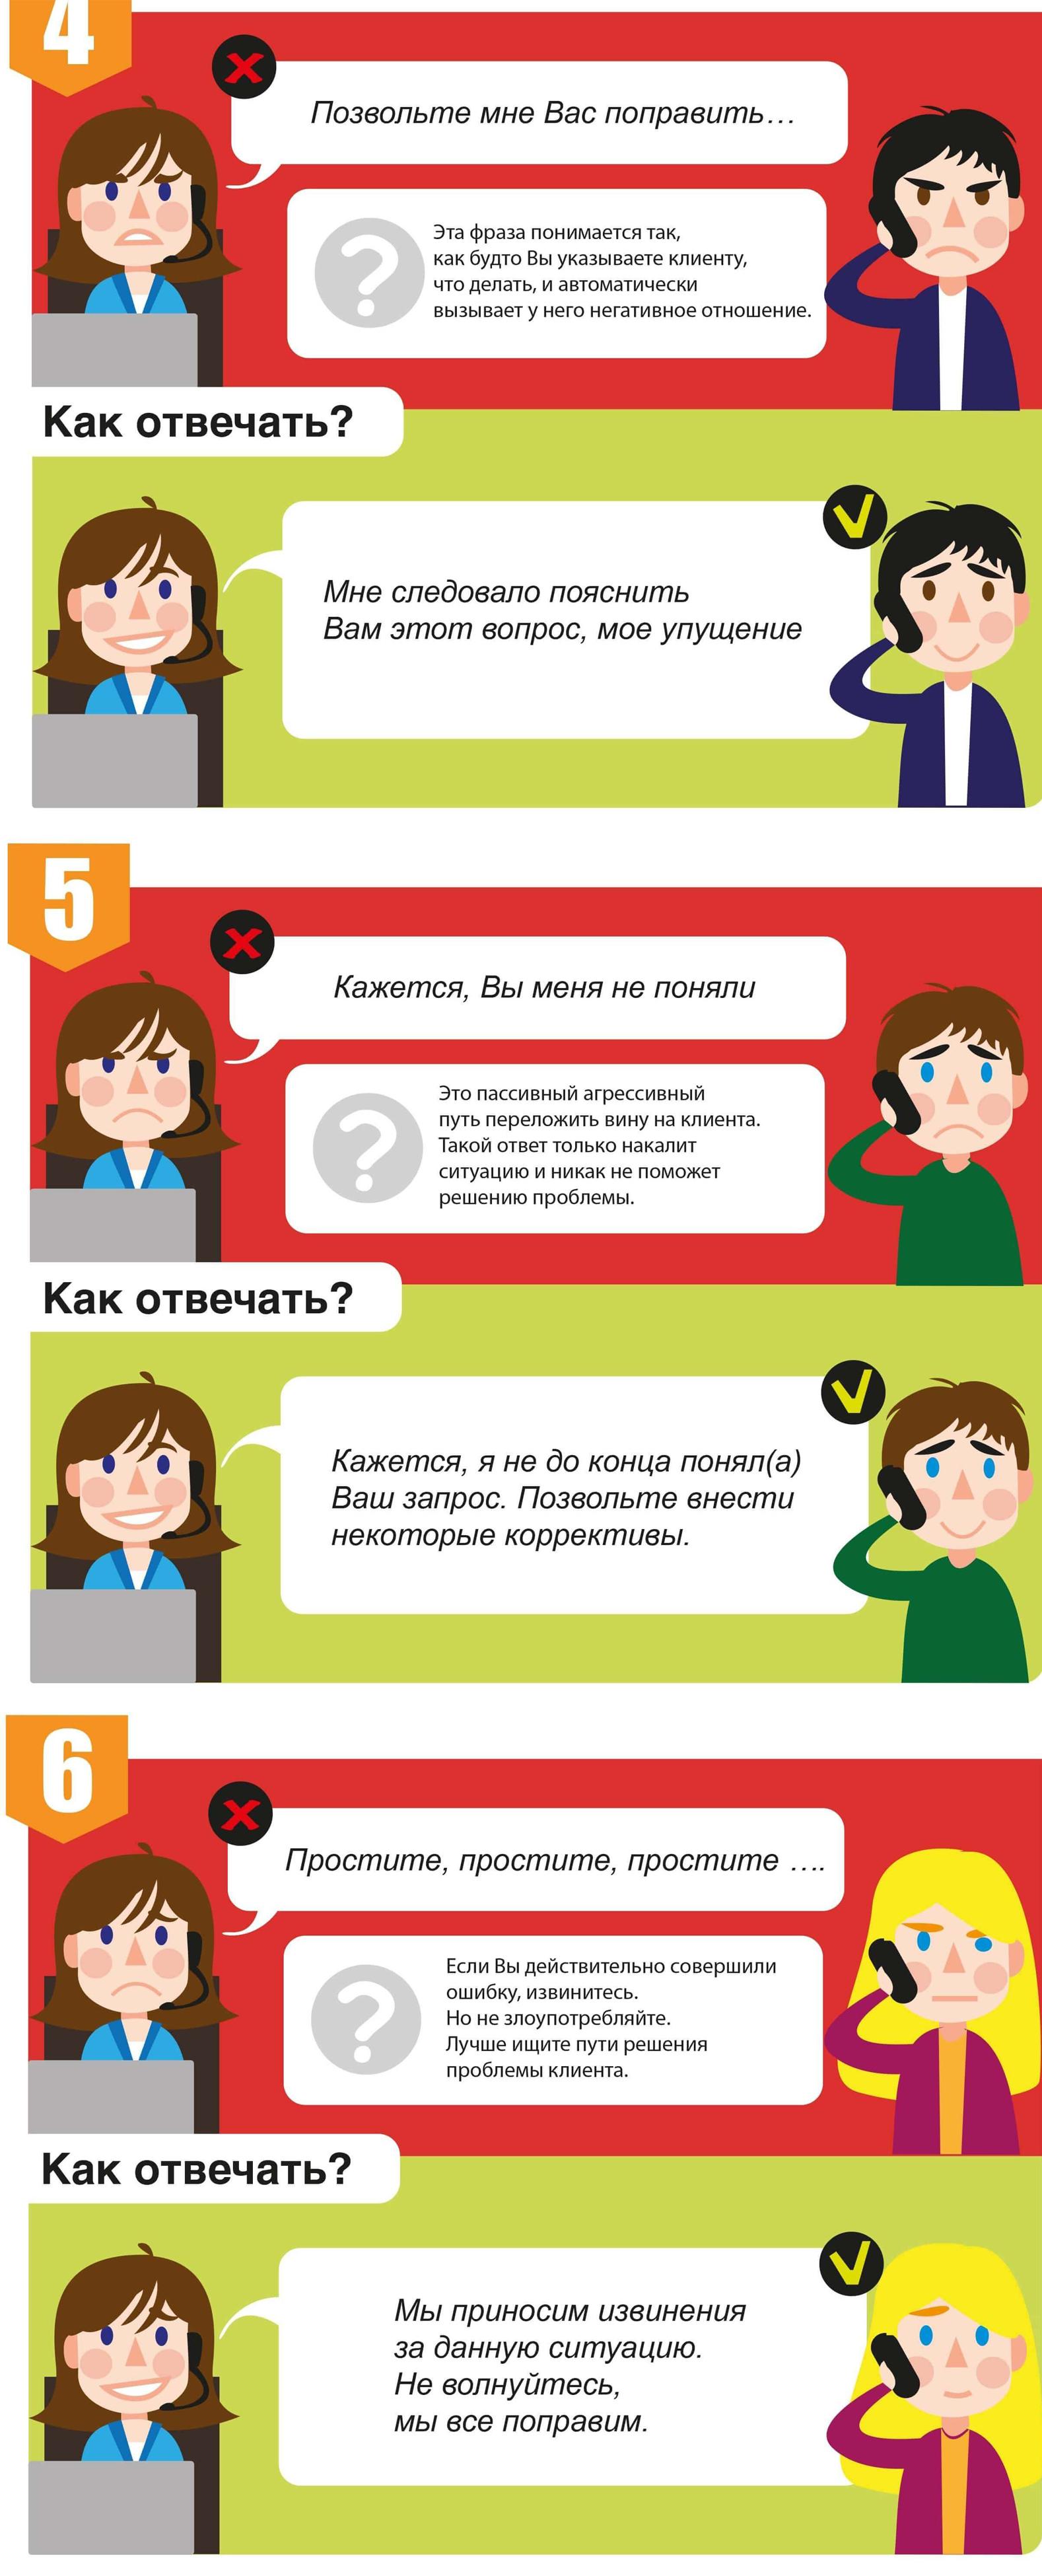 9 запретных ответов клиентам - 3